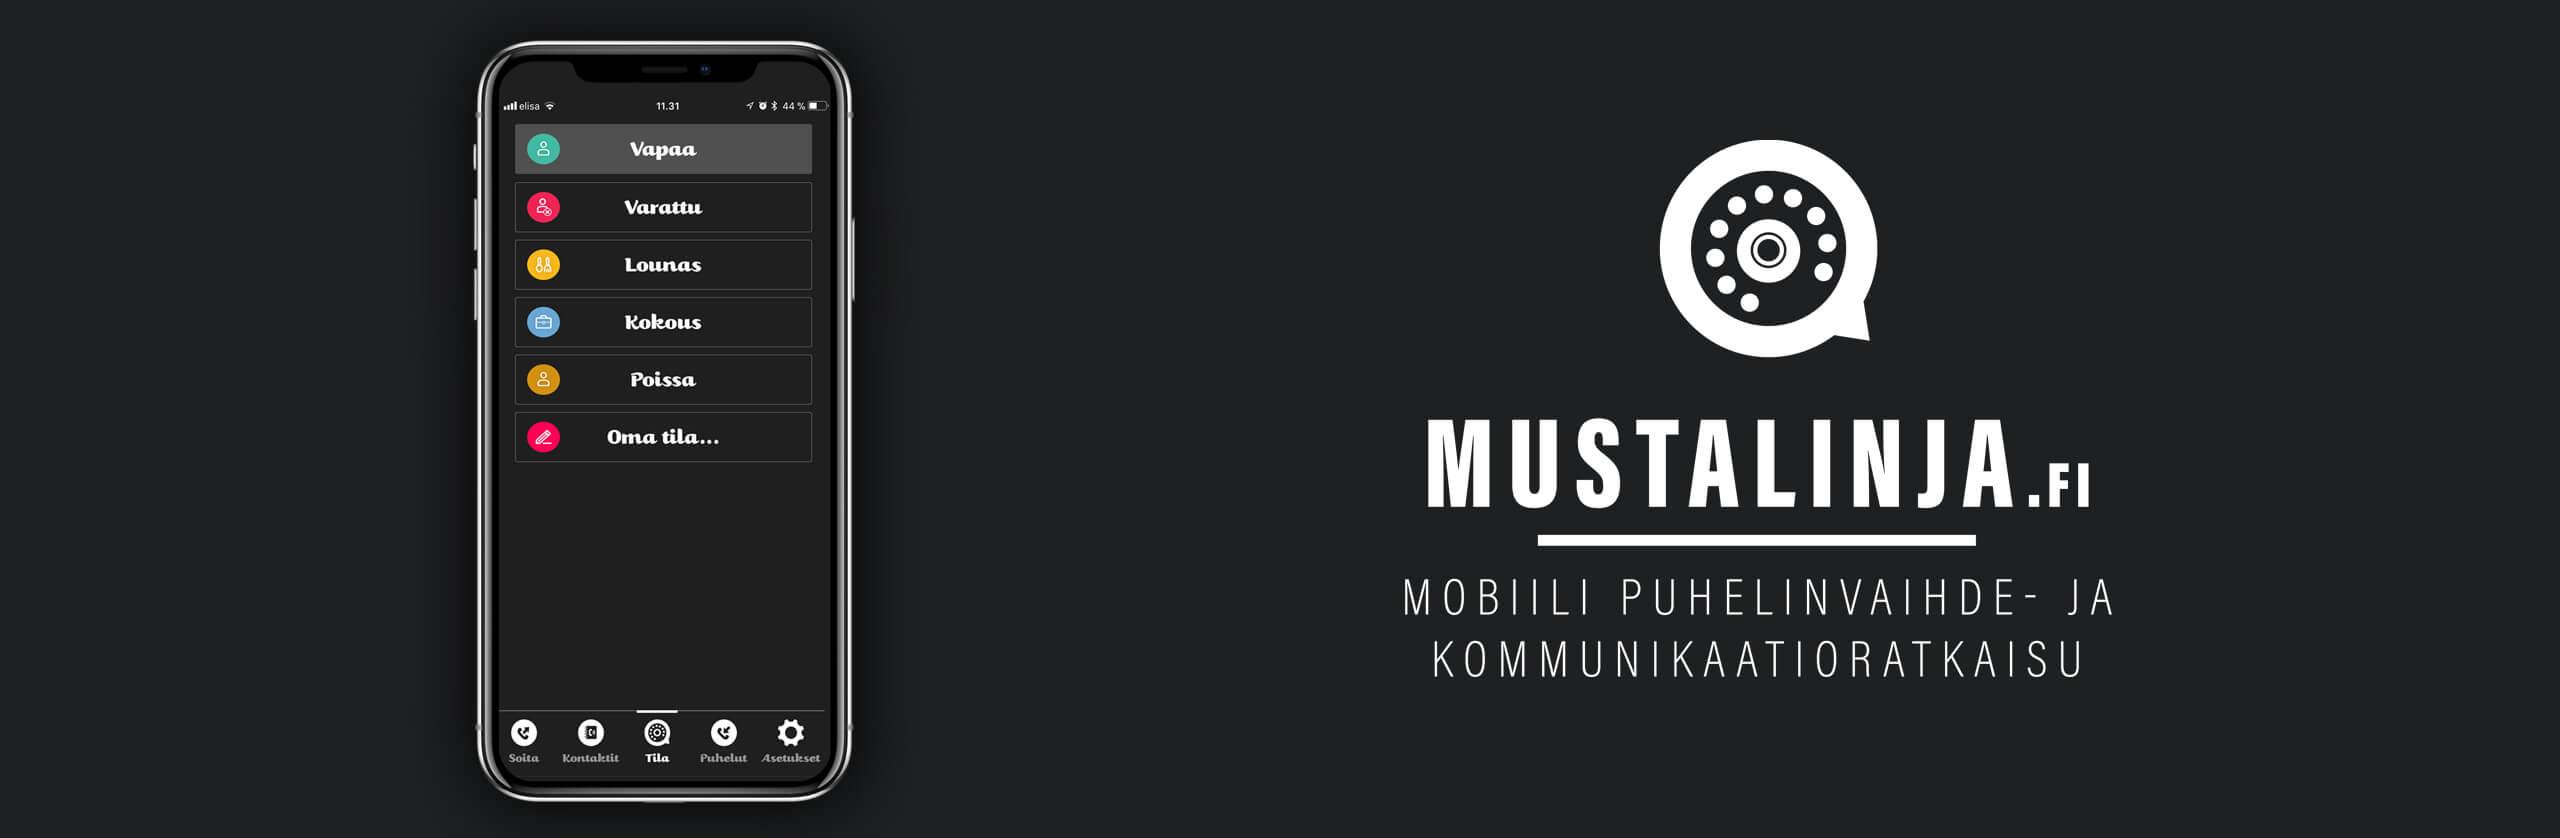 Mustalinja mobiilivaihde - mobiili puhelinvaihde- ja kommunikaatioratkaisu